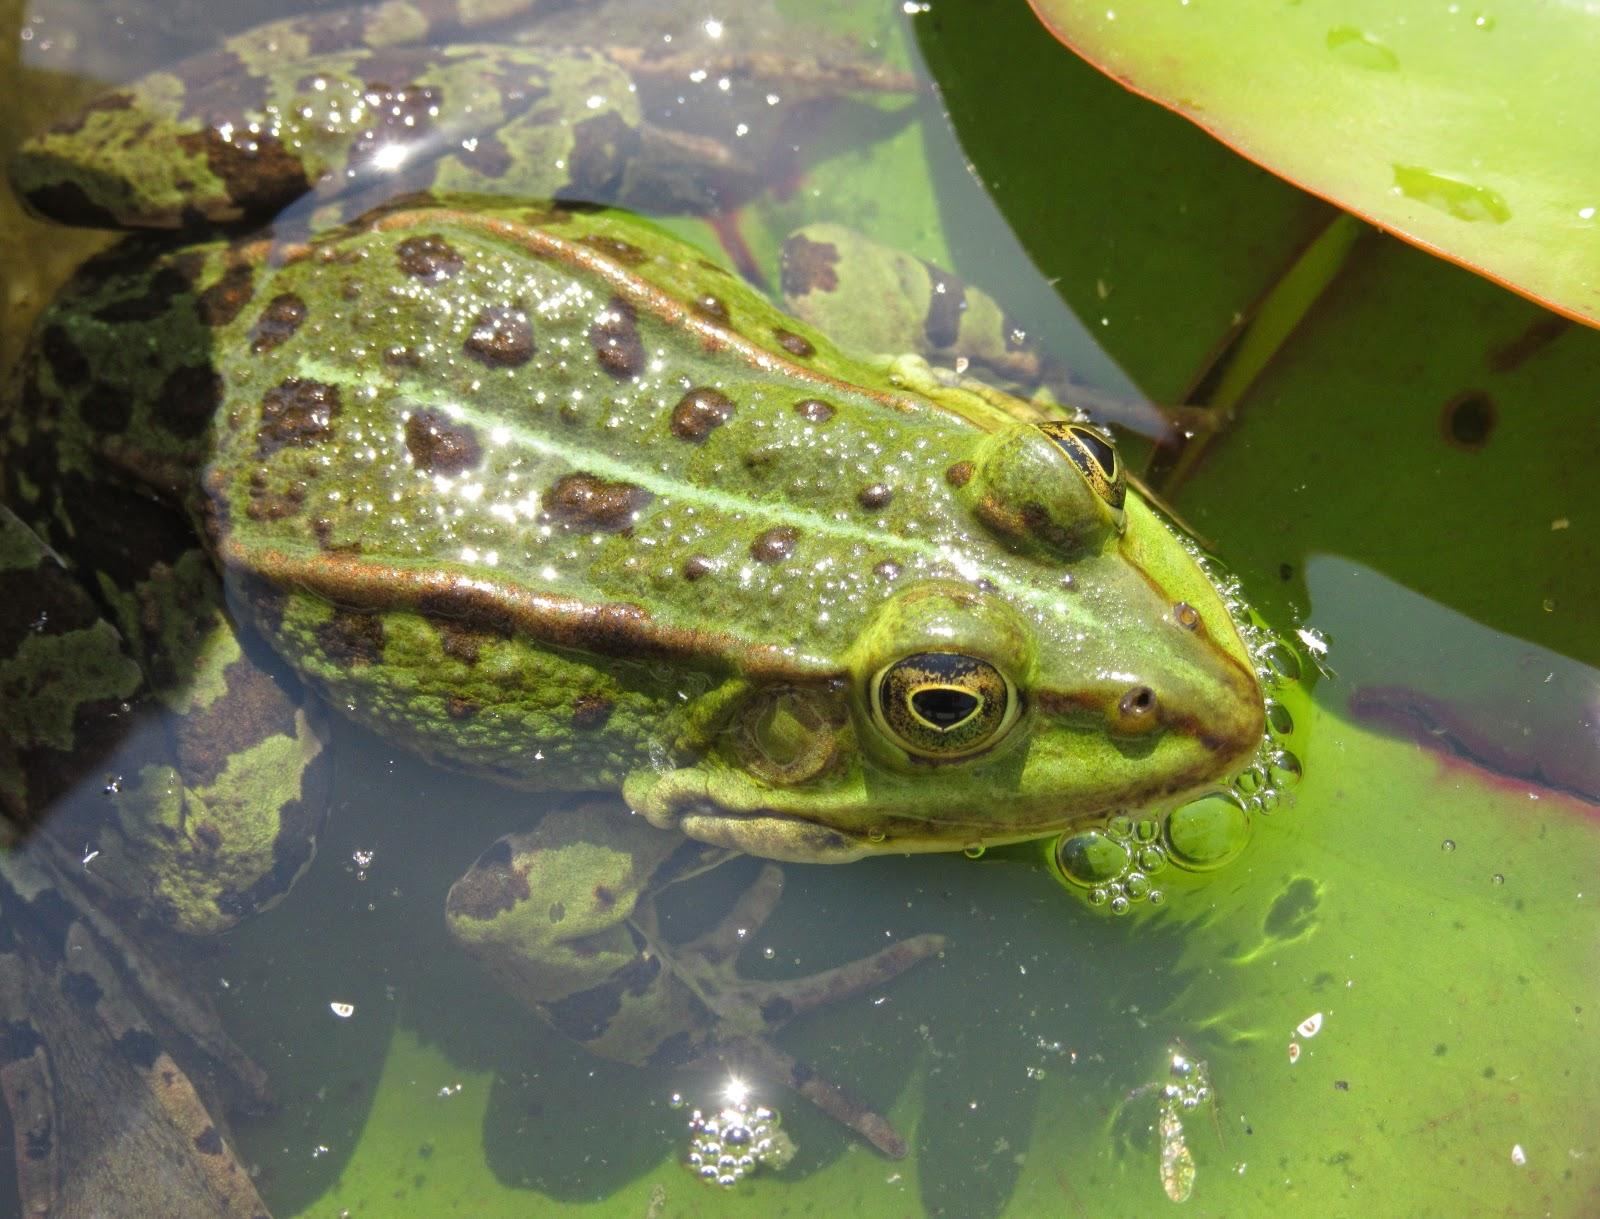 Froschnetz - Biologie der Amphibien Frsche Krten